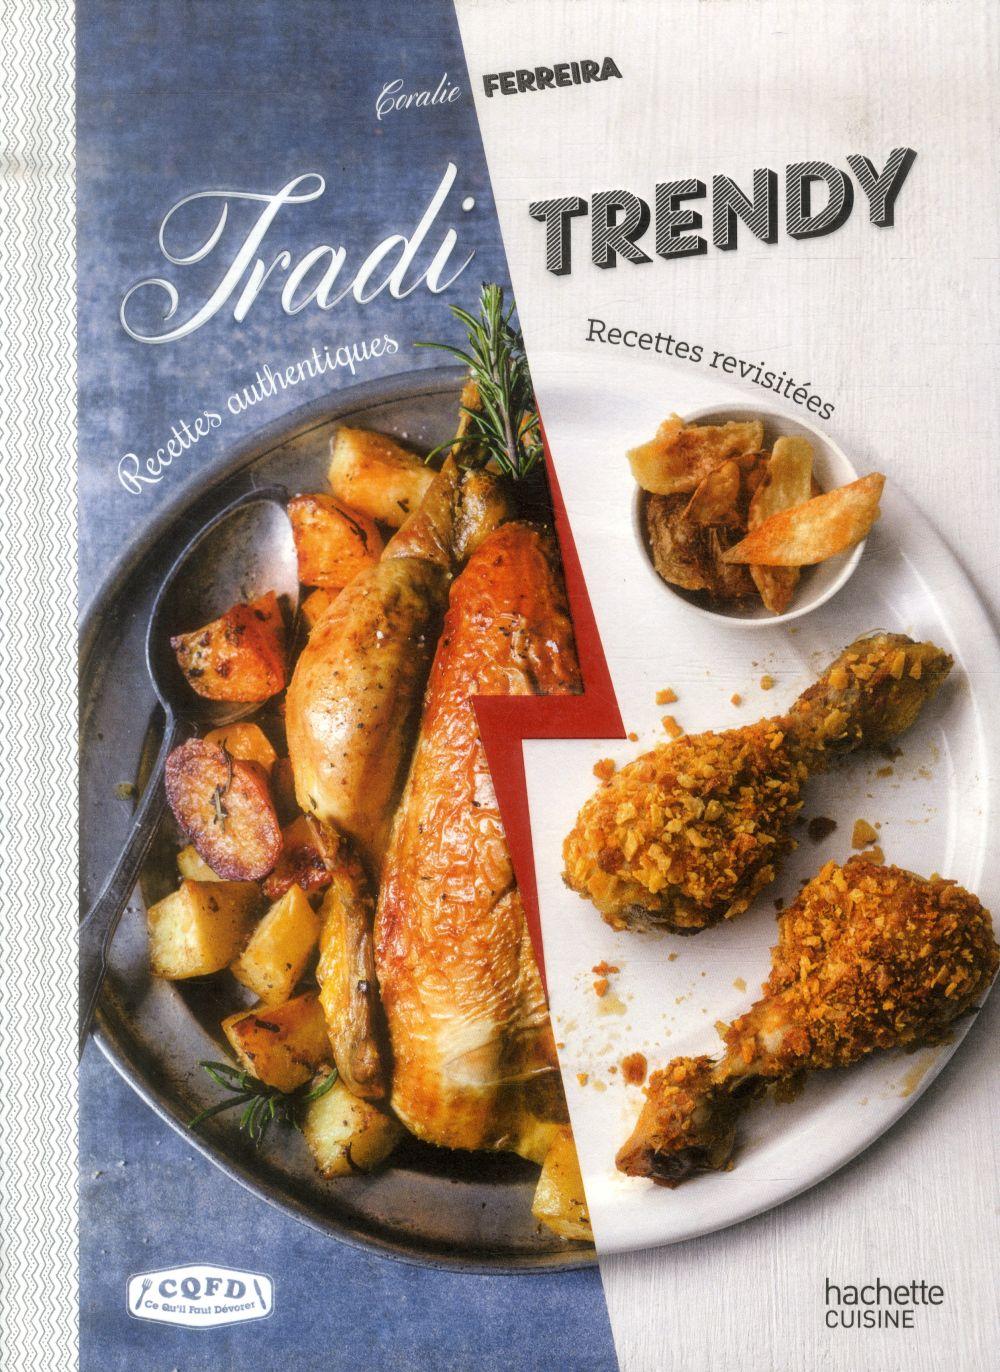 Tradi vs trendy ; recettes authentiques versus recettes revisitées